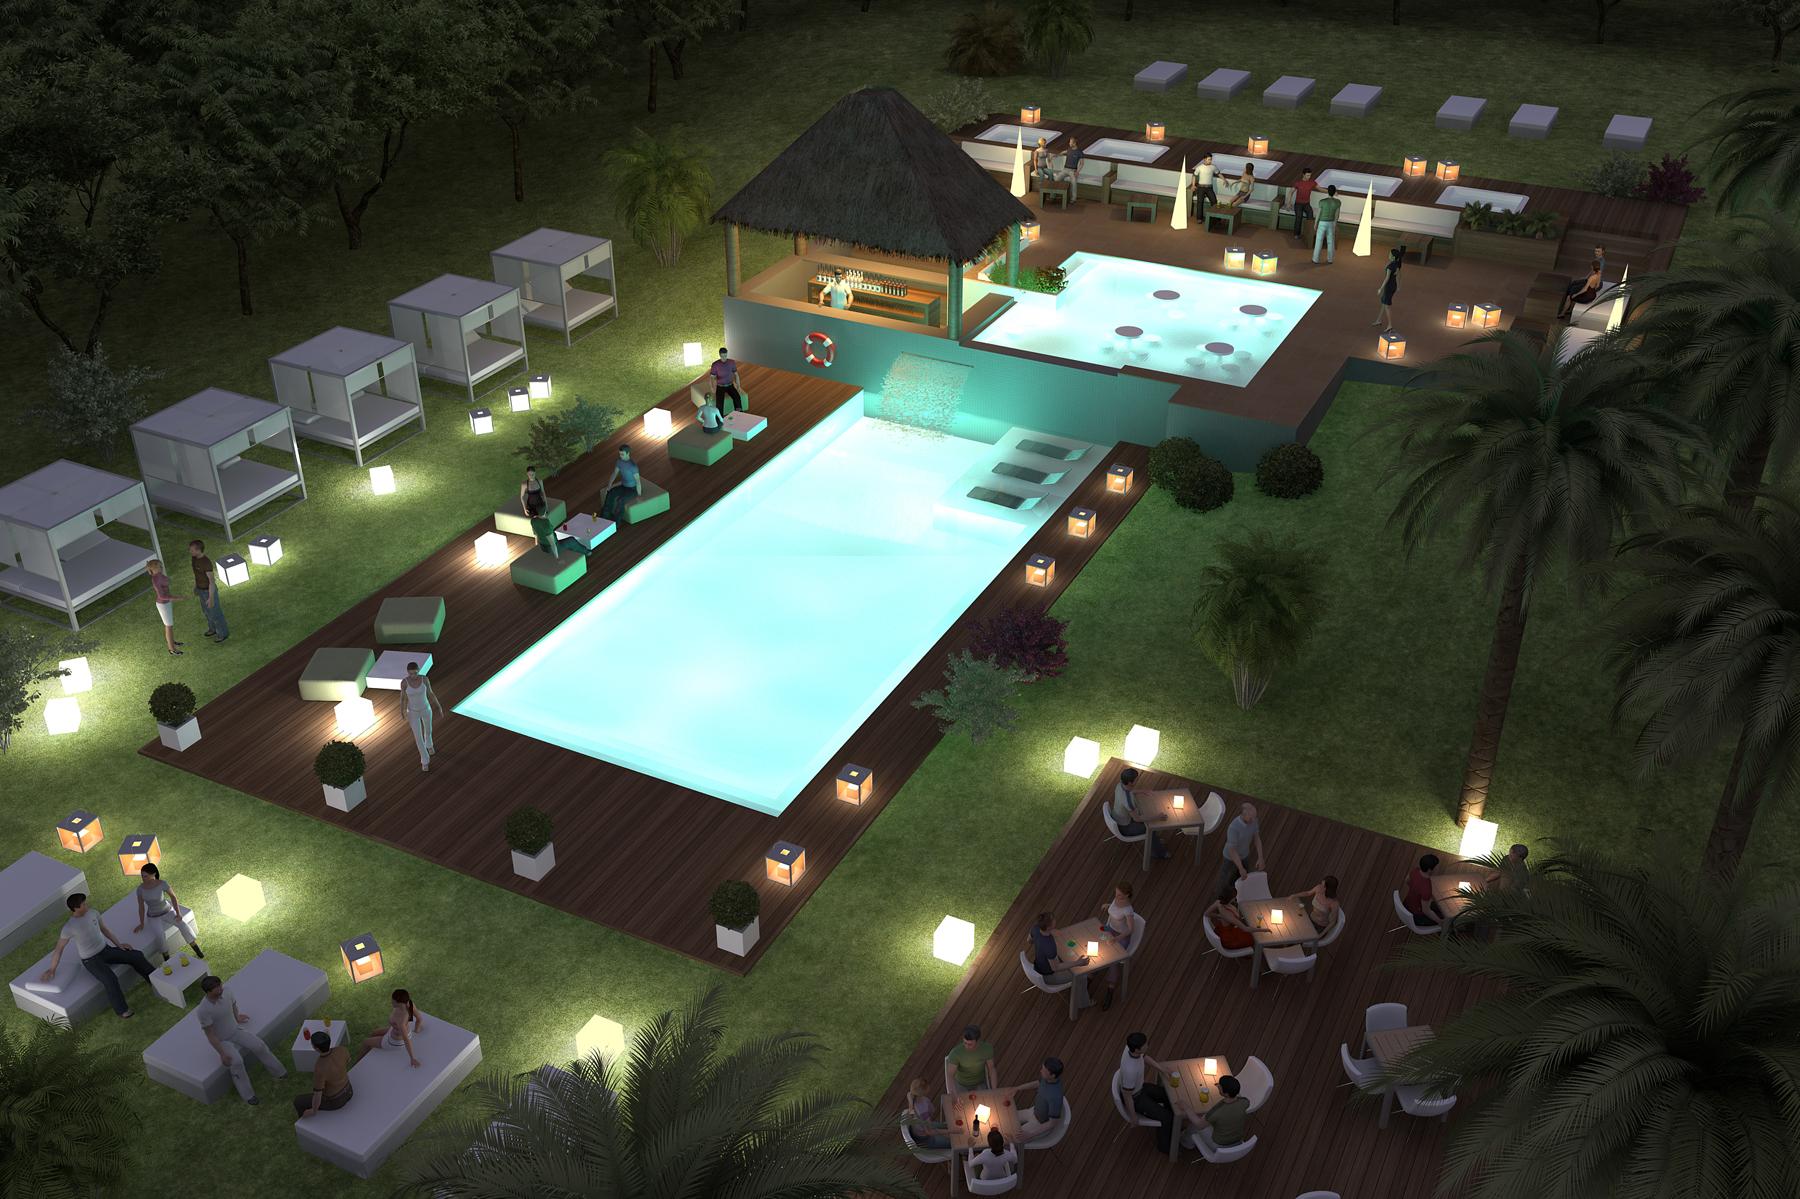 piscina 06 nocturna